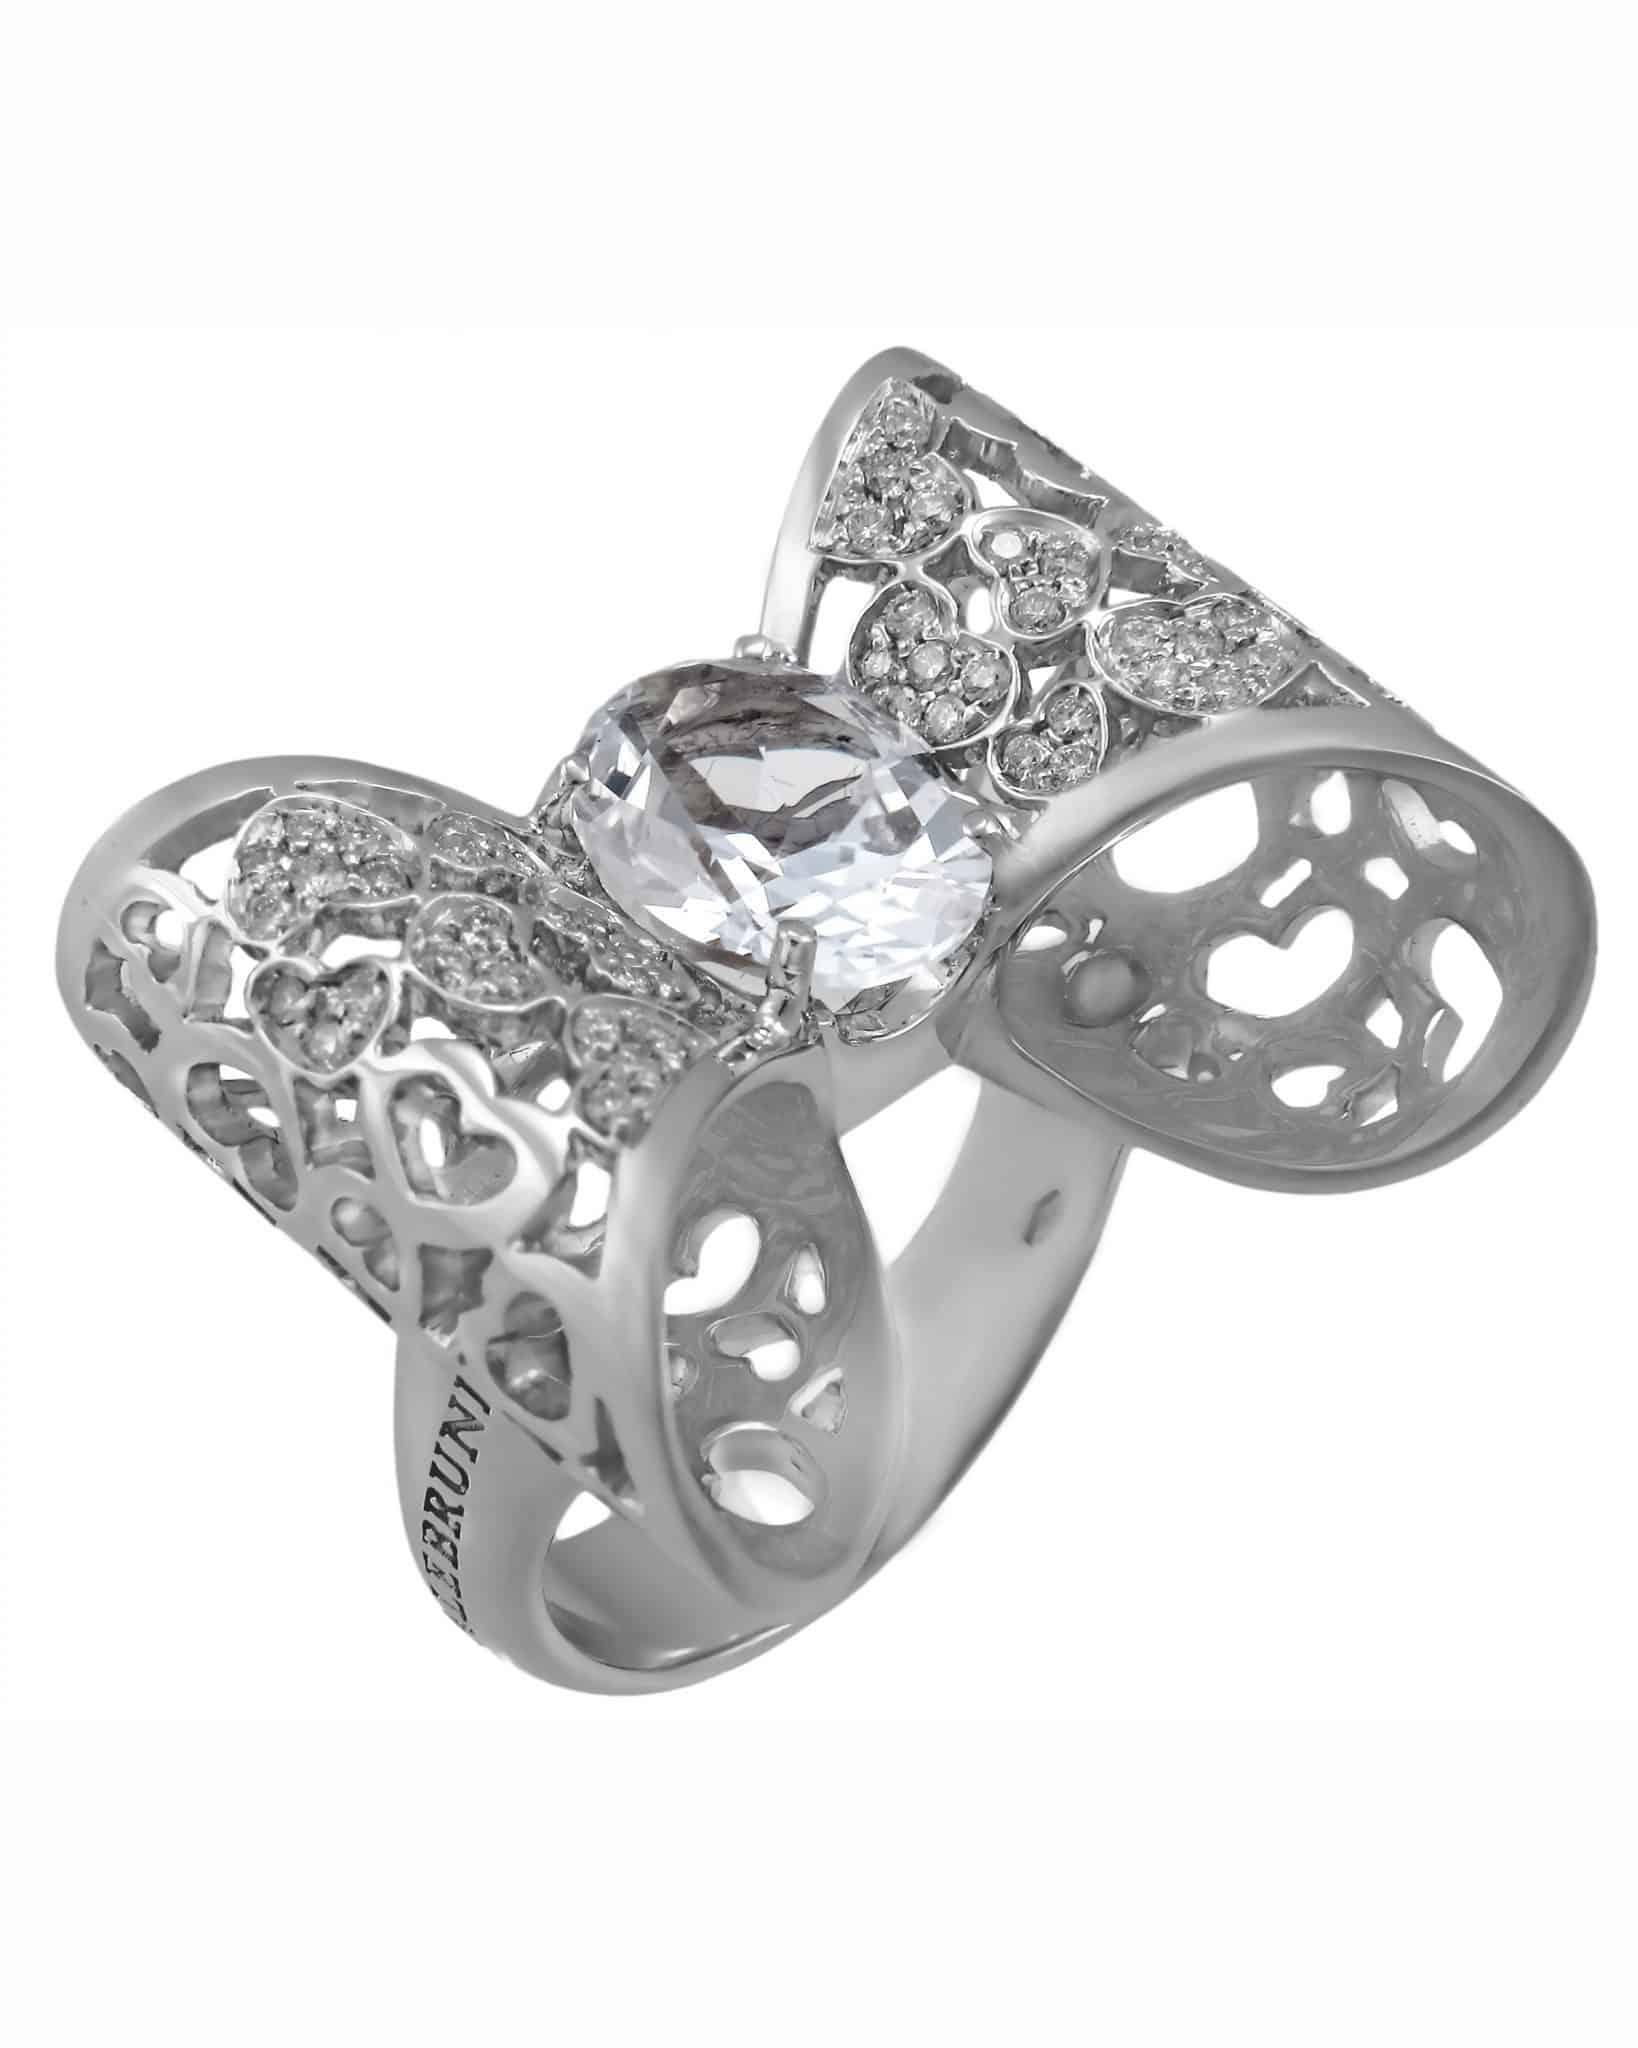 """PASQUALE BRUNI – """"Oh La'La'!"""" 18K White Gold Oh La'La'! Ring – Size 7.5"""